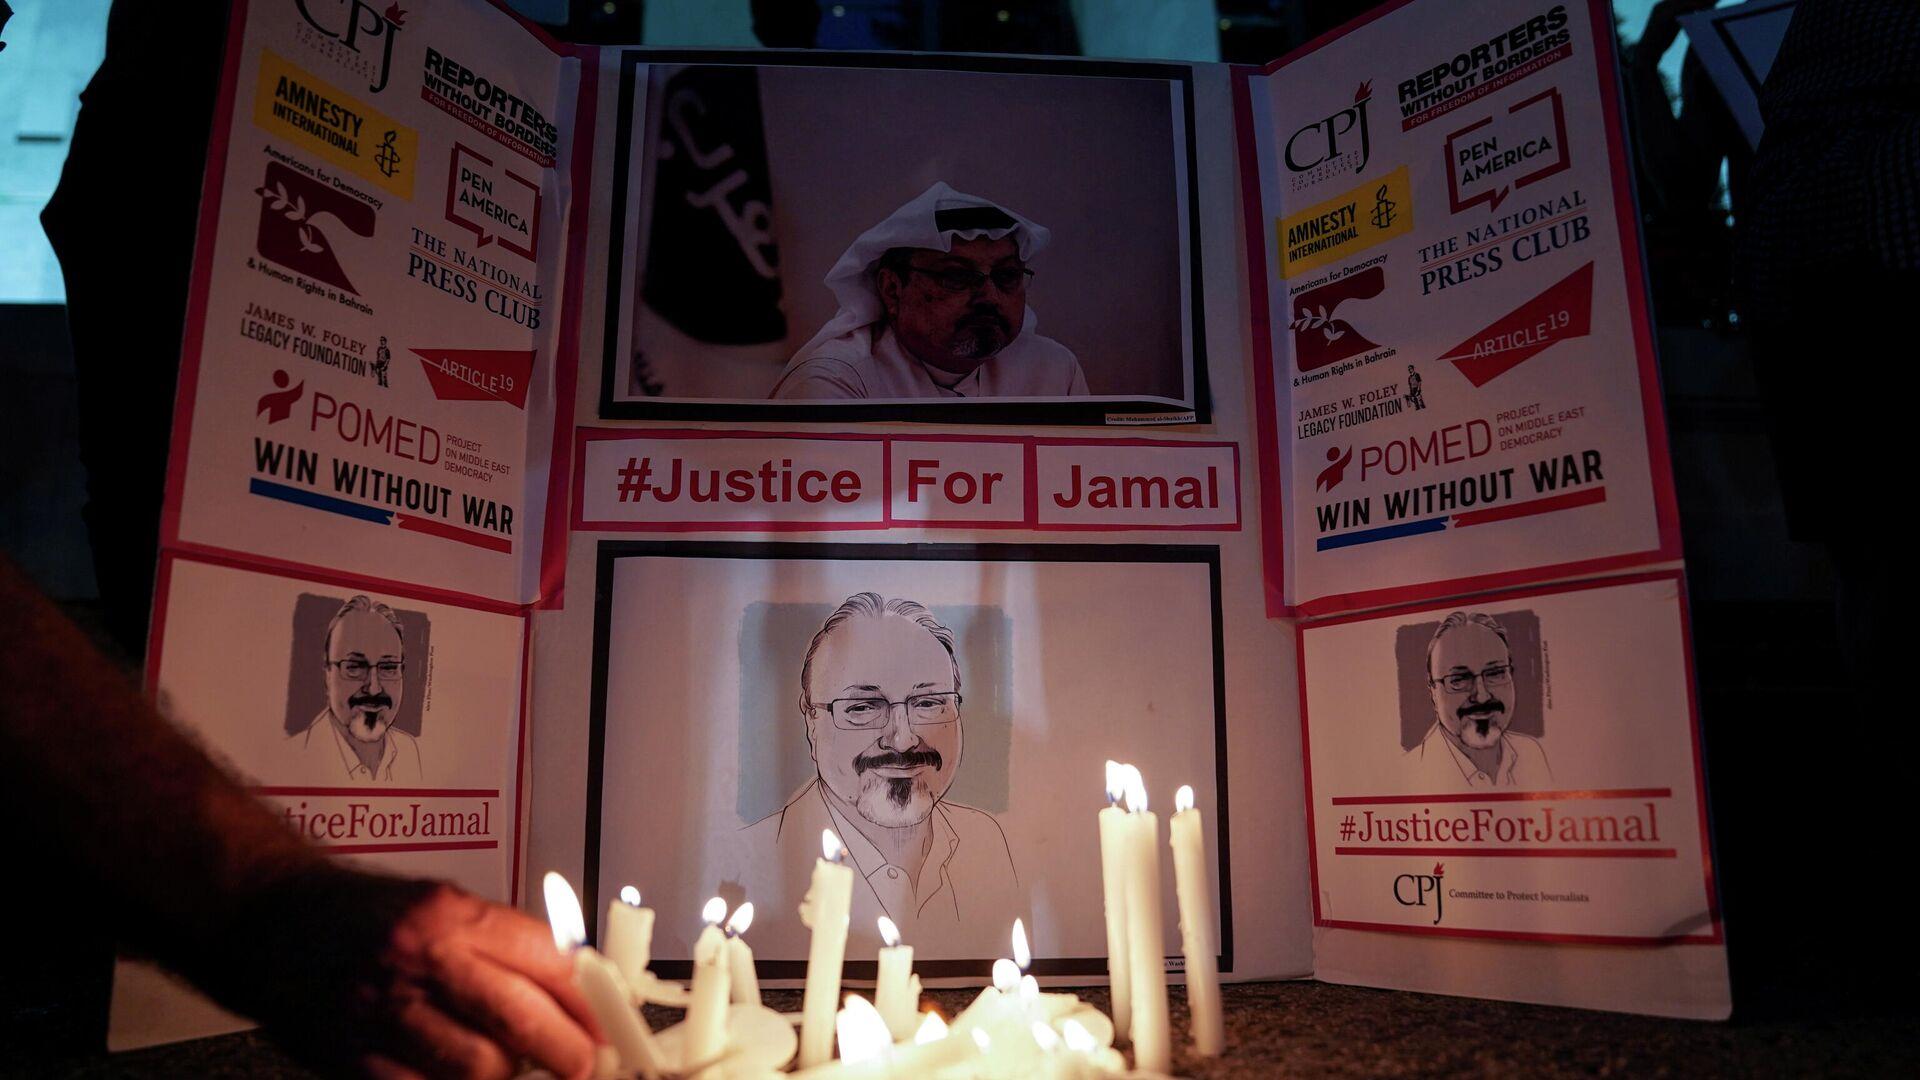 Mahnwache vor der Botschaft Saudi-Arabiens in Washington zum Jahrestag der Tötung des Journalisten Jamal Khashoggi  - SNA, 1920, 27.02.2021